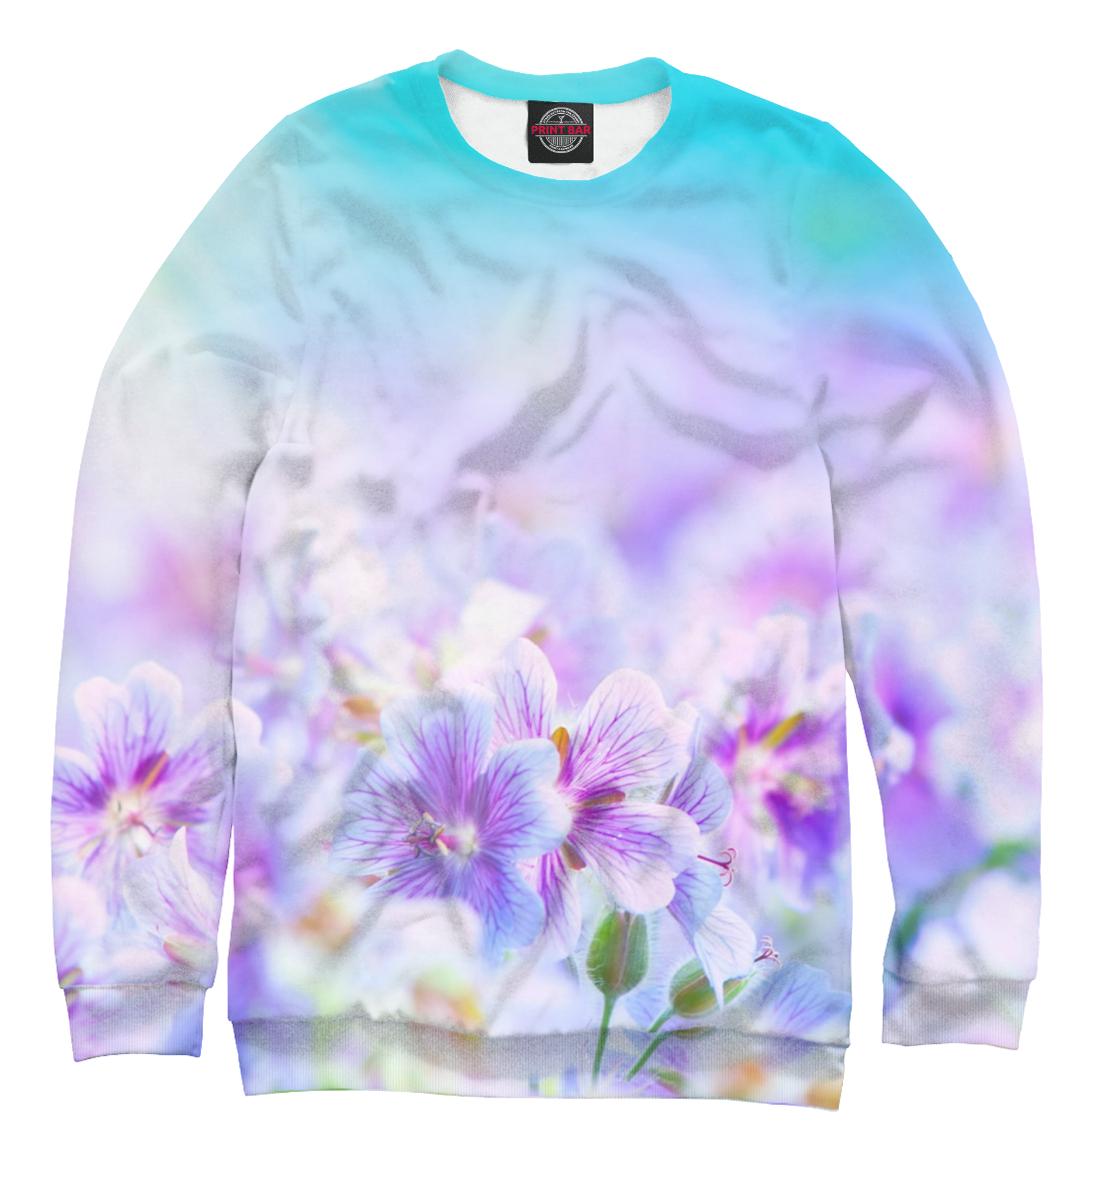 Купить Сиреневые цветочки, Printbar, Свитшоты, CVE-837565-swi-1